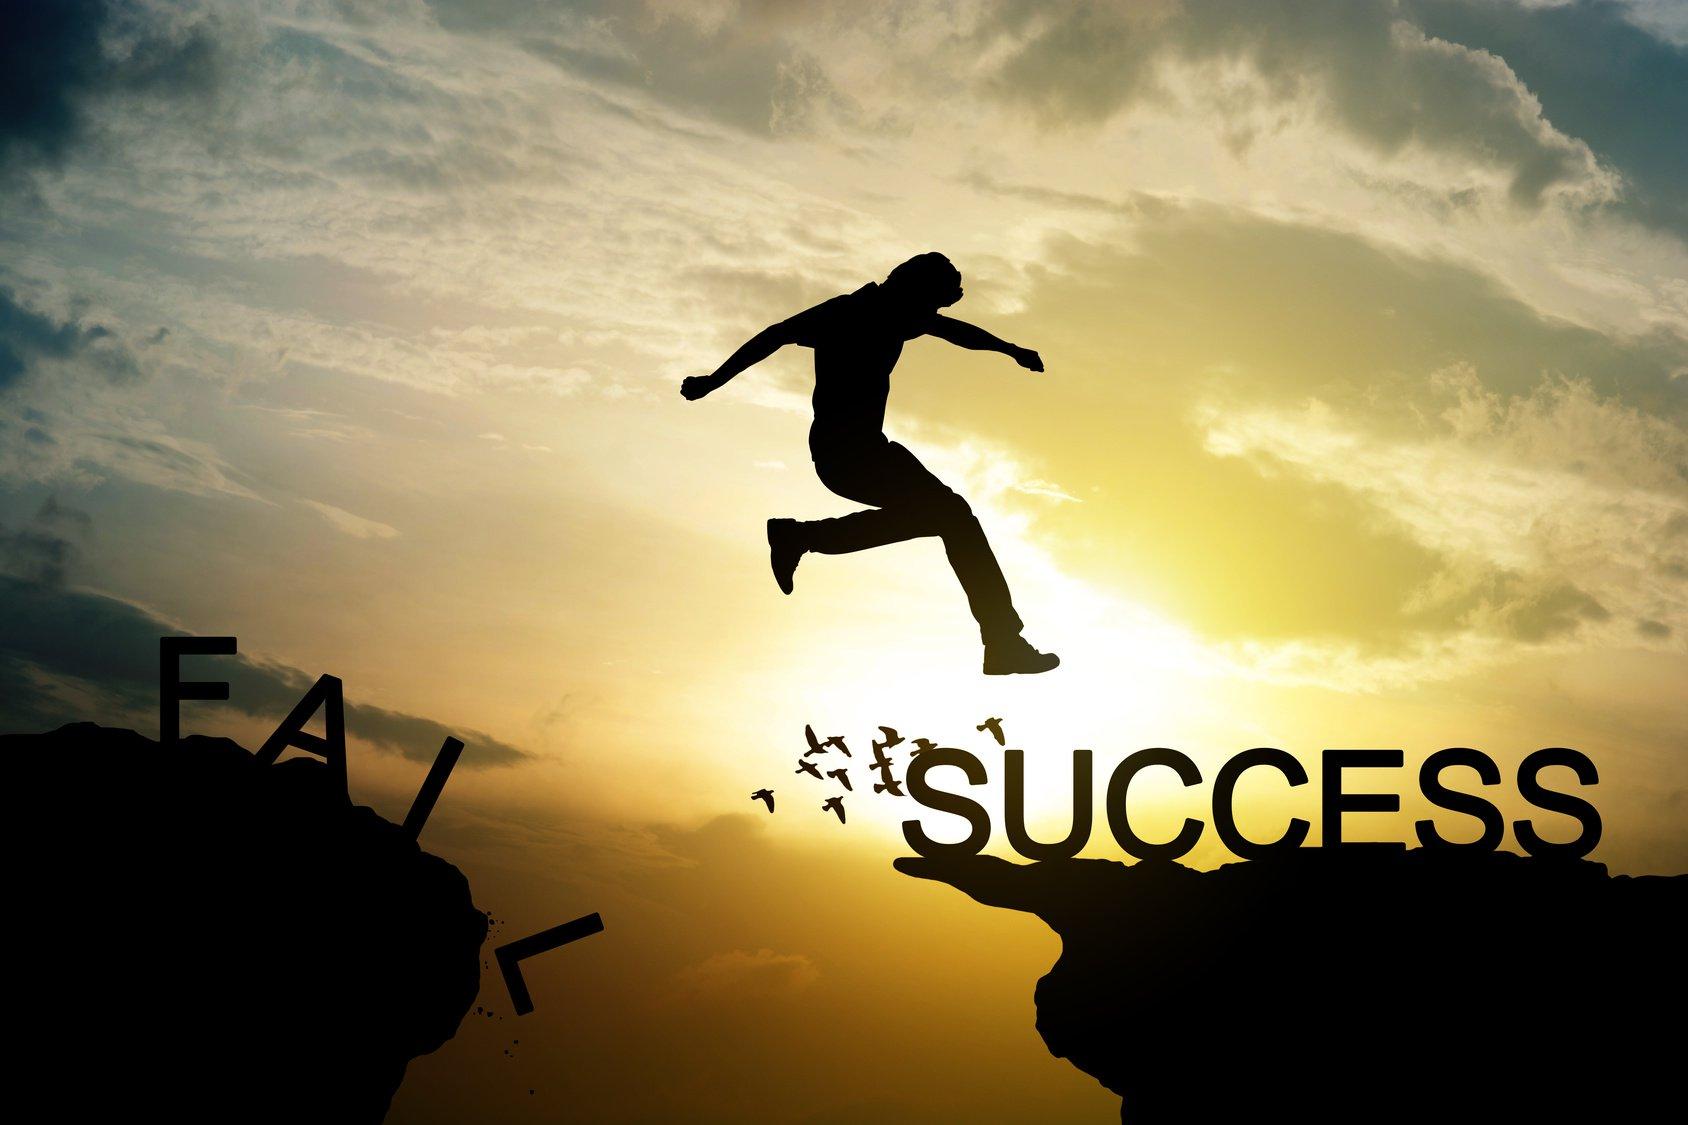 Bạn có thể đi tới đỉnh vinh quang hay không, tính chuyên nghiệp của bạn sẽ quyết định tất cả!